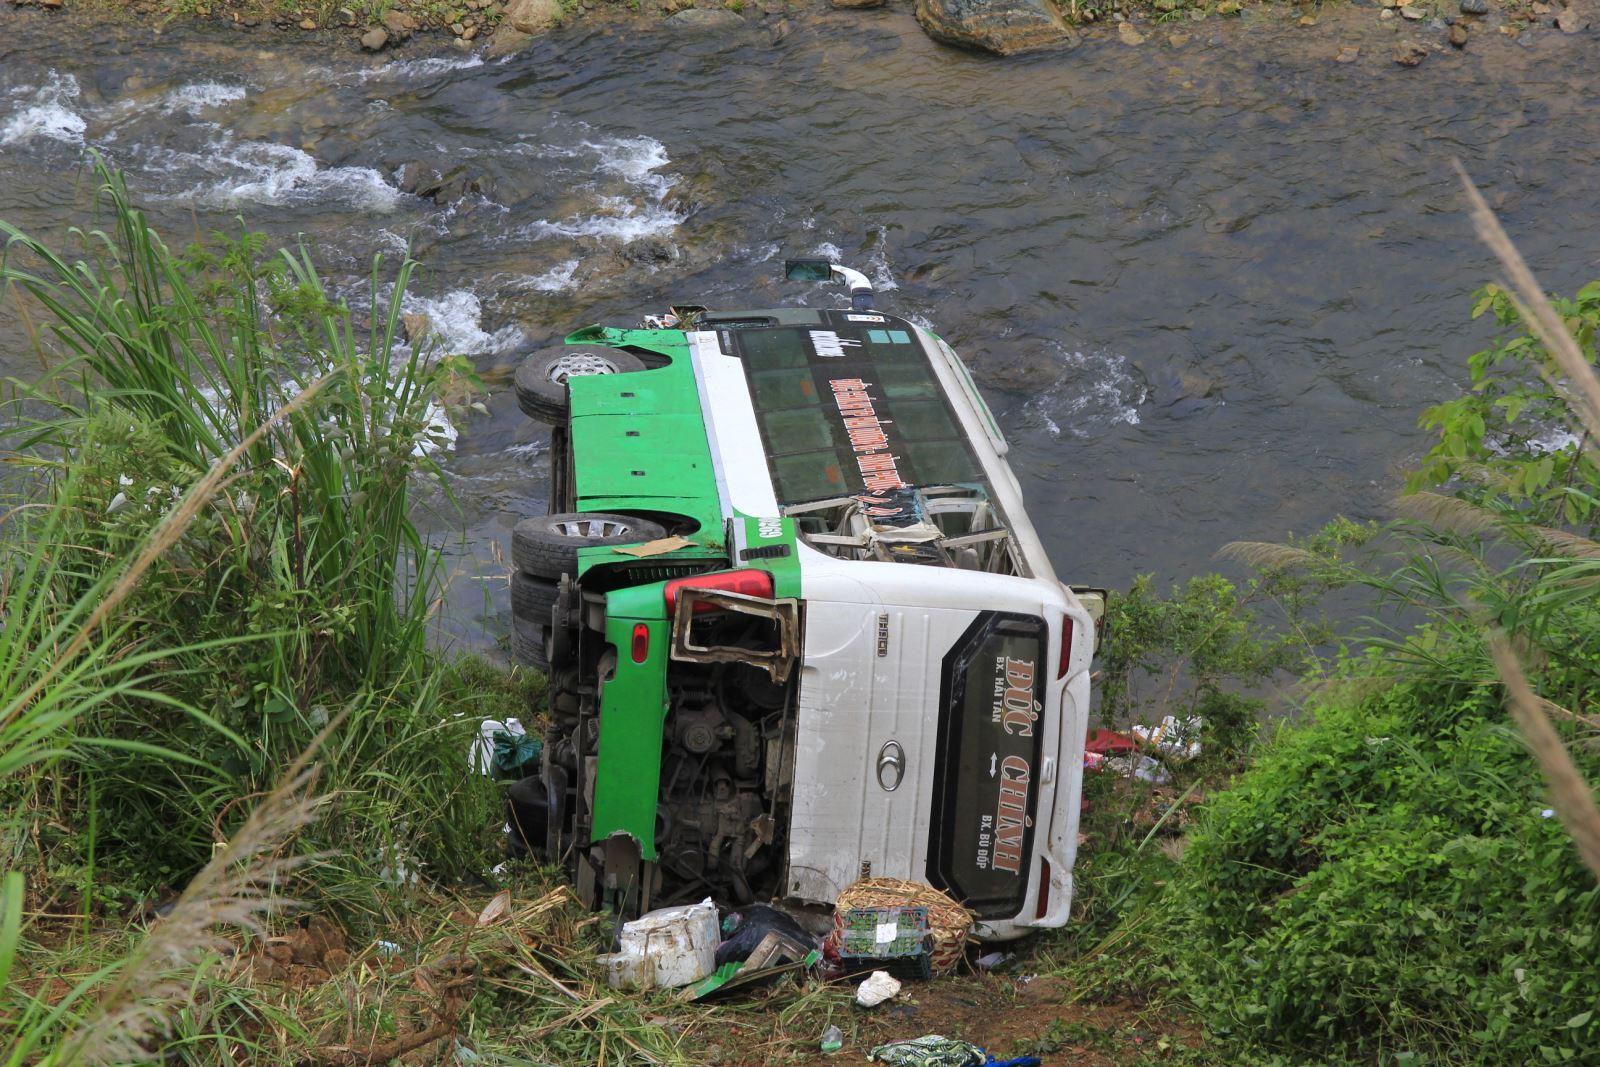 Xe khách lao xuống vực lật nằm sát mép sông Pô Cô. Ảnh: Khoa Điềm